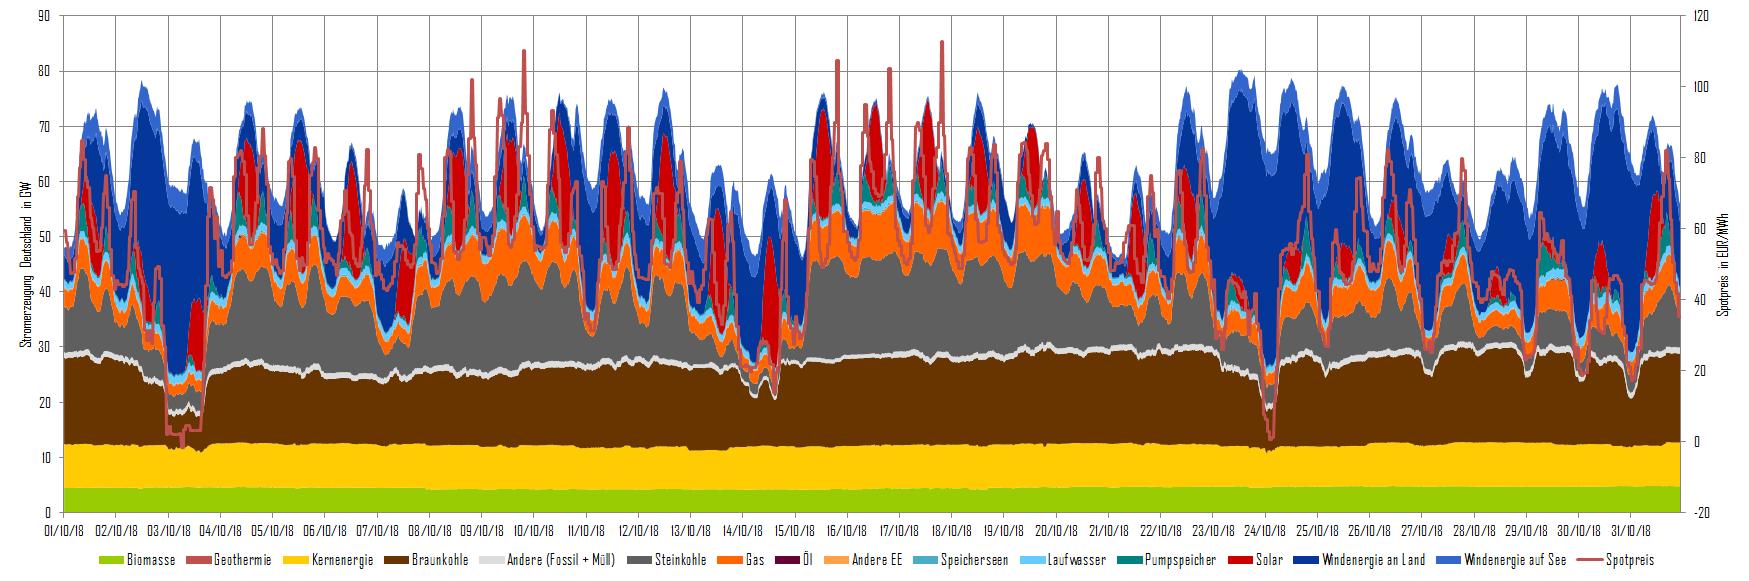 Stromerzeugung und Day-Ahead-Preise im Oktober 2018 in Deutschland, (Quelle: Energy Brainpool)